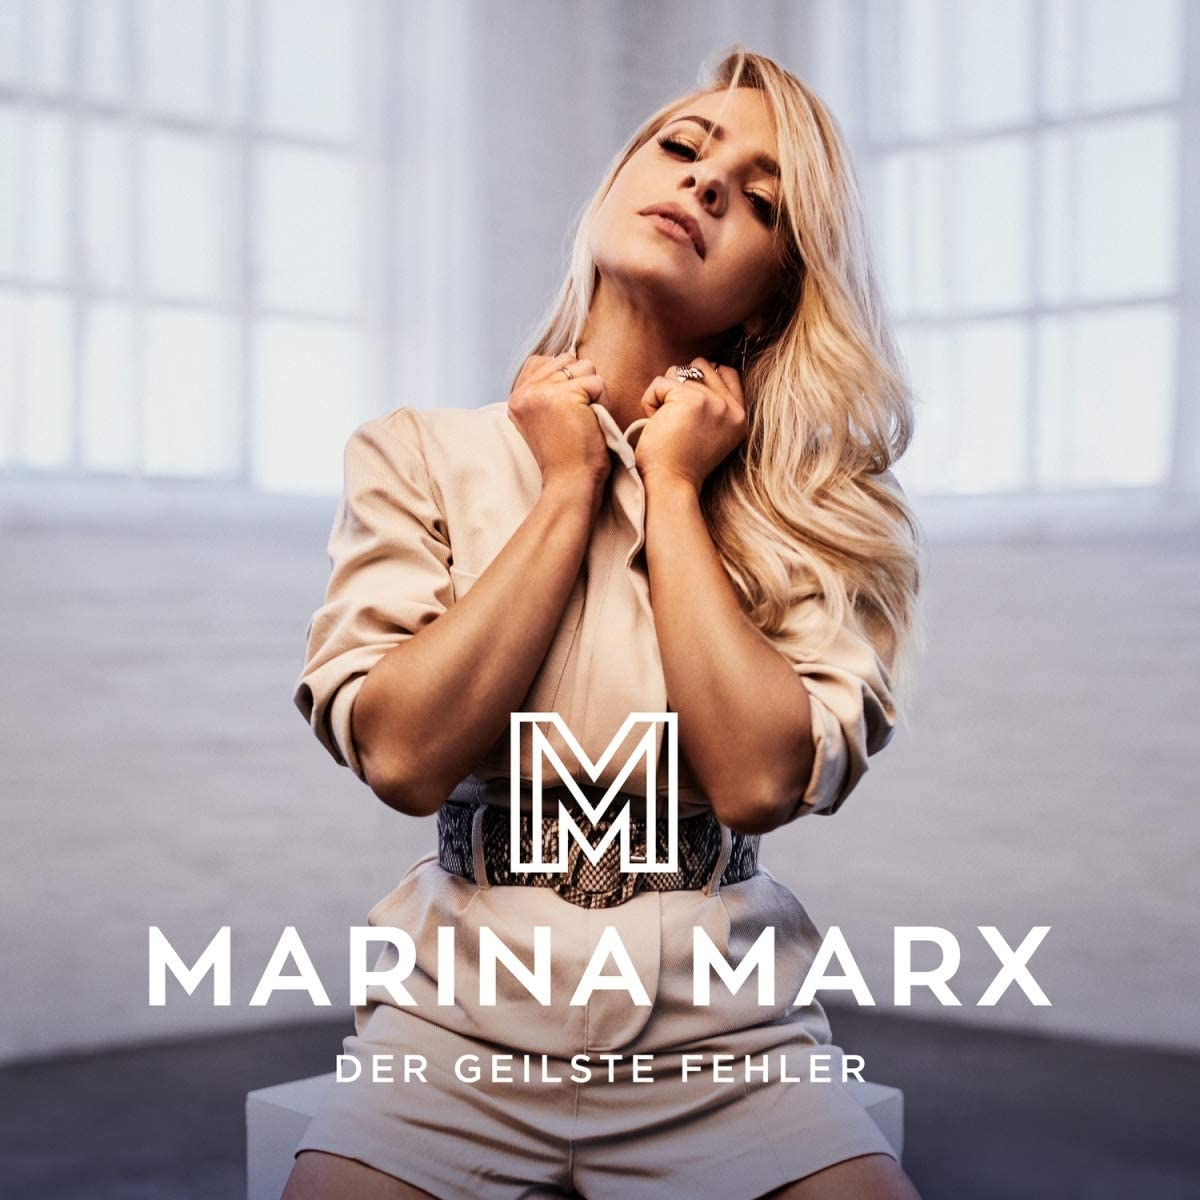 Marina Marx - Der geilste Fehler (2020)